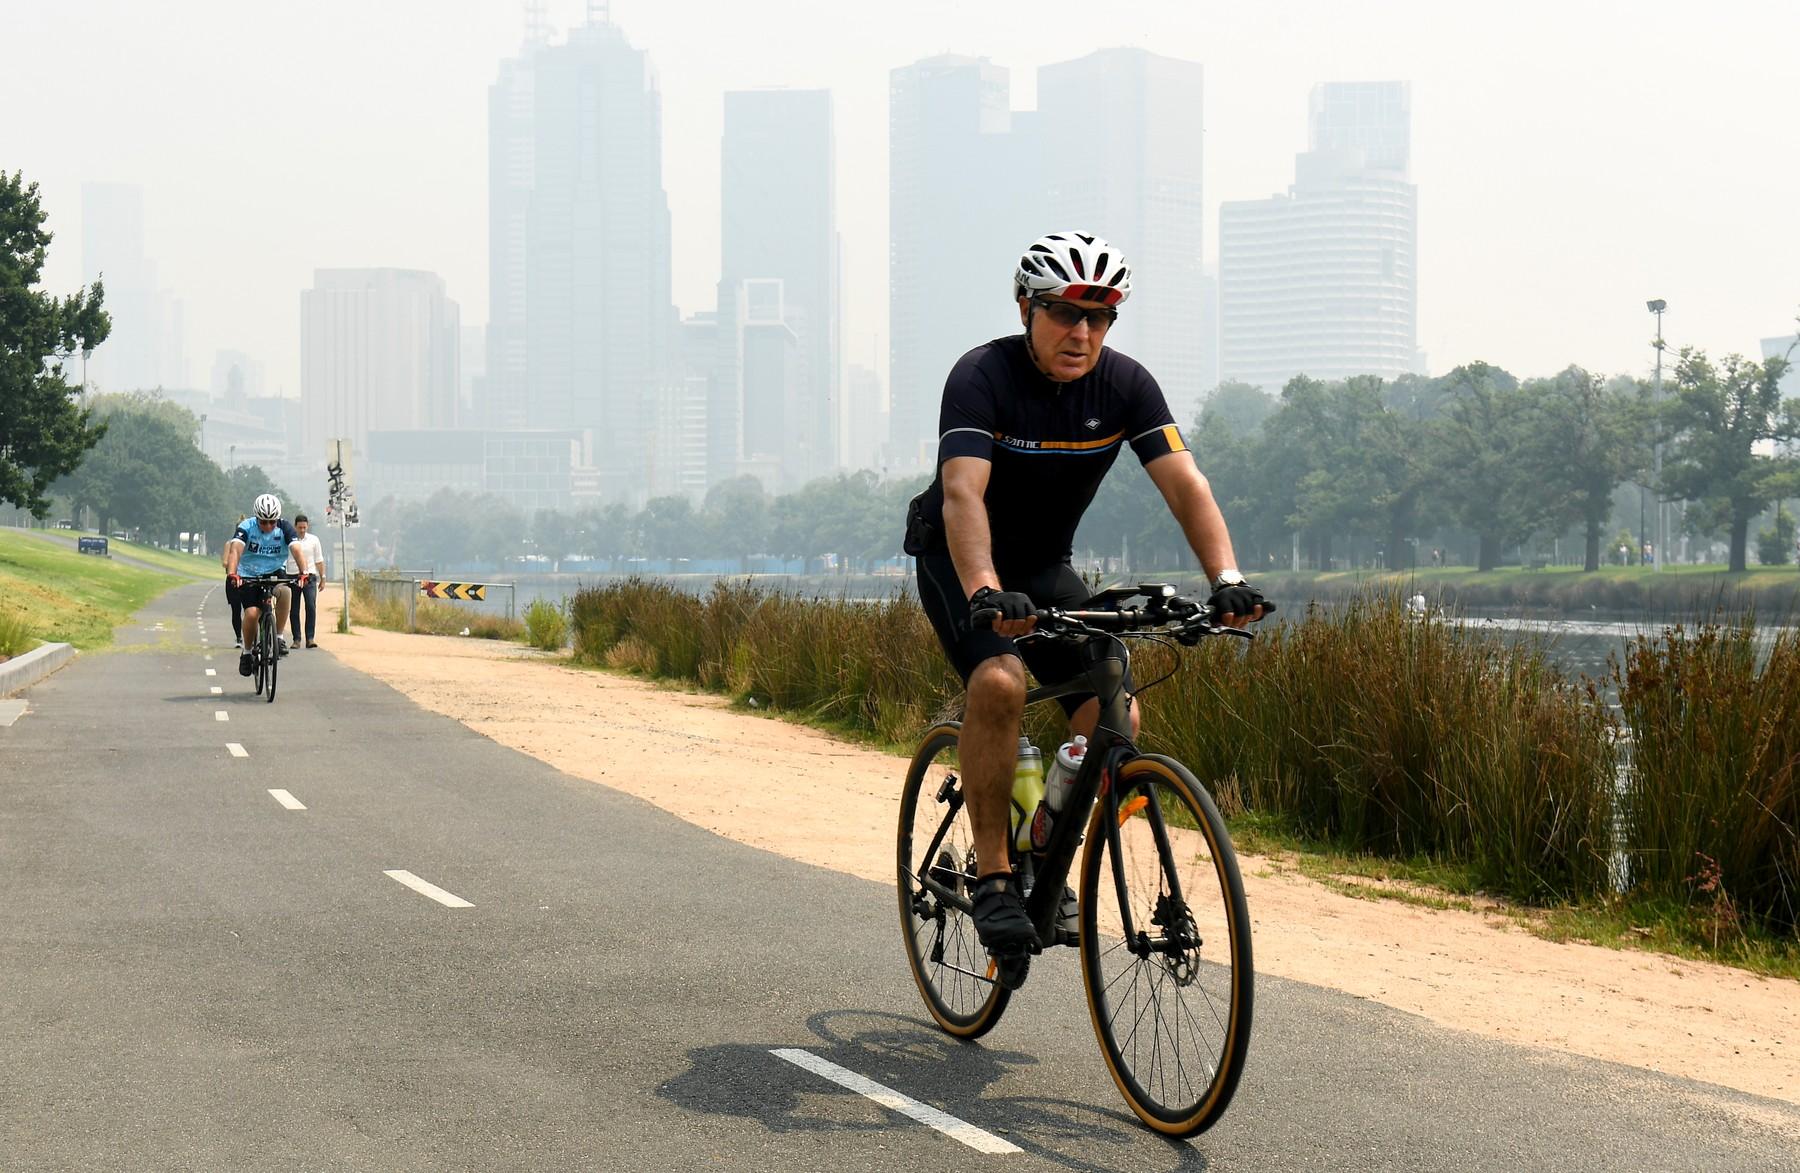 Cyklista projíždí oparem kouře v Melbourne